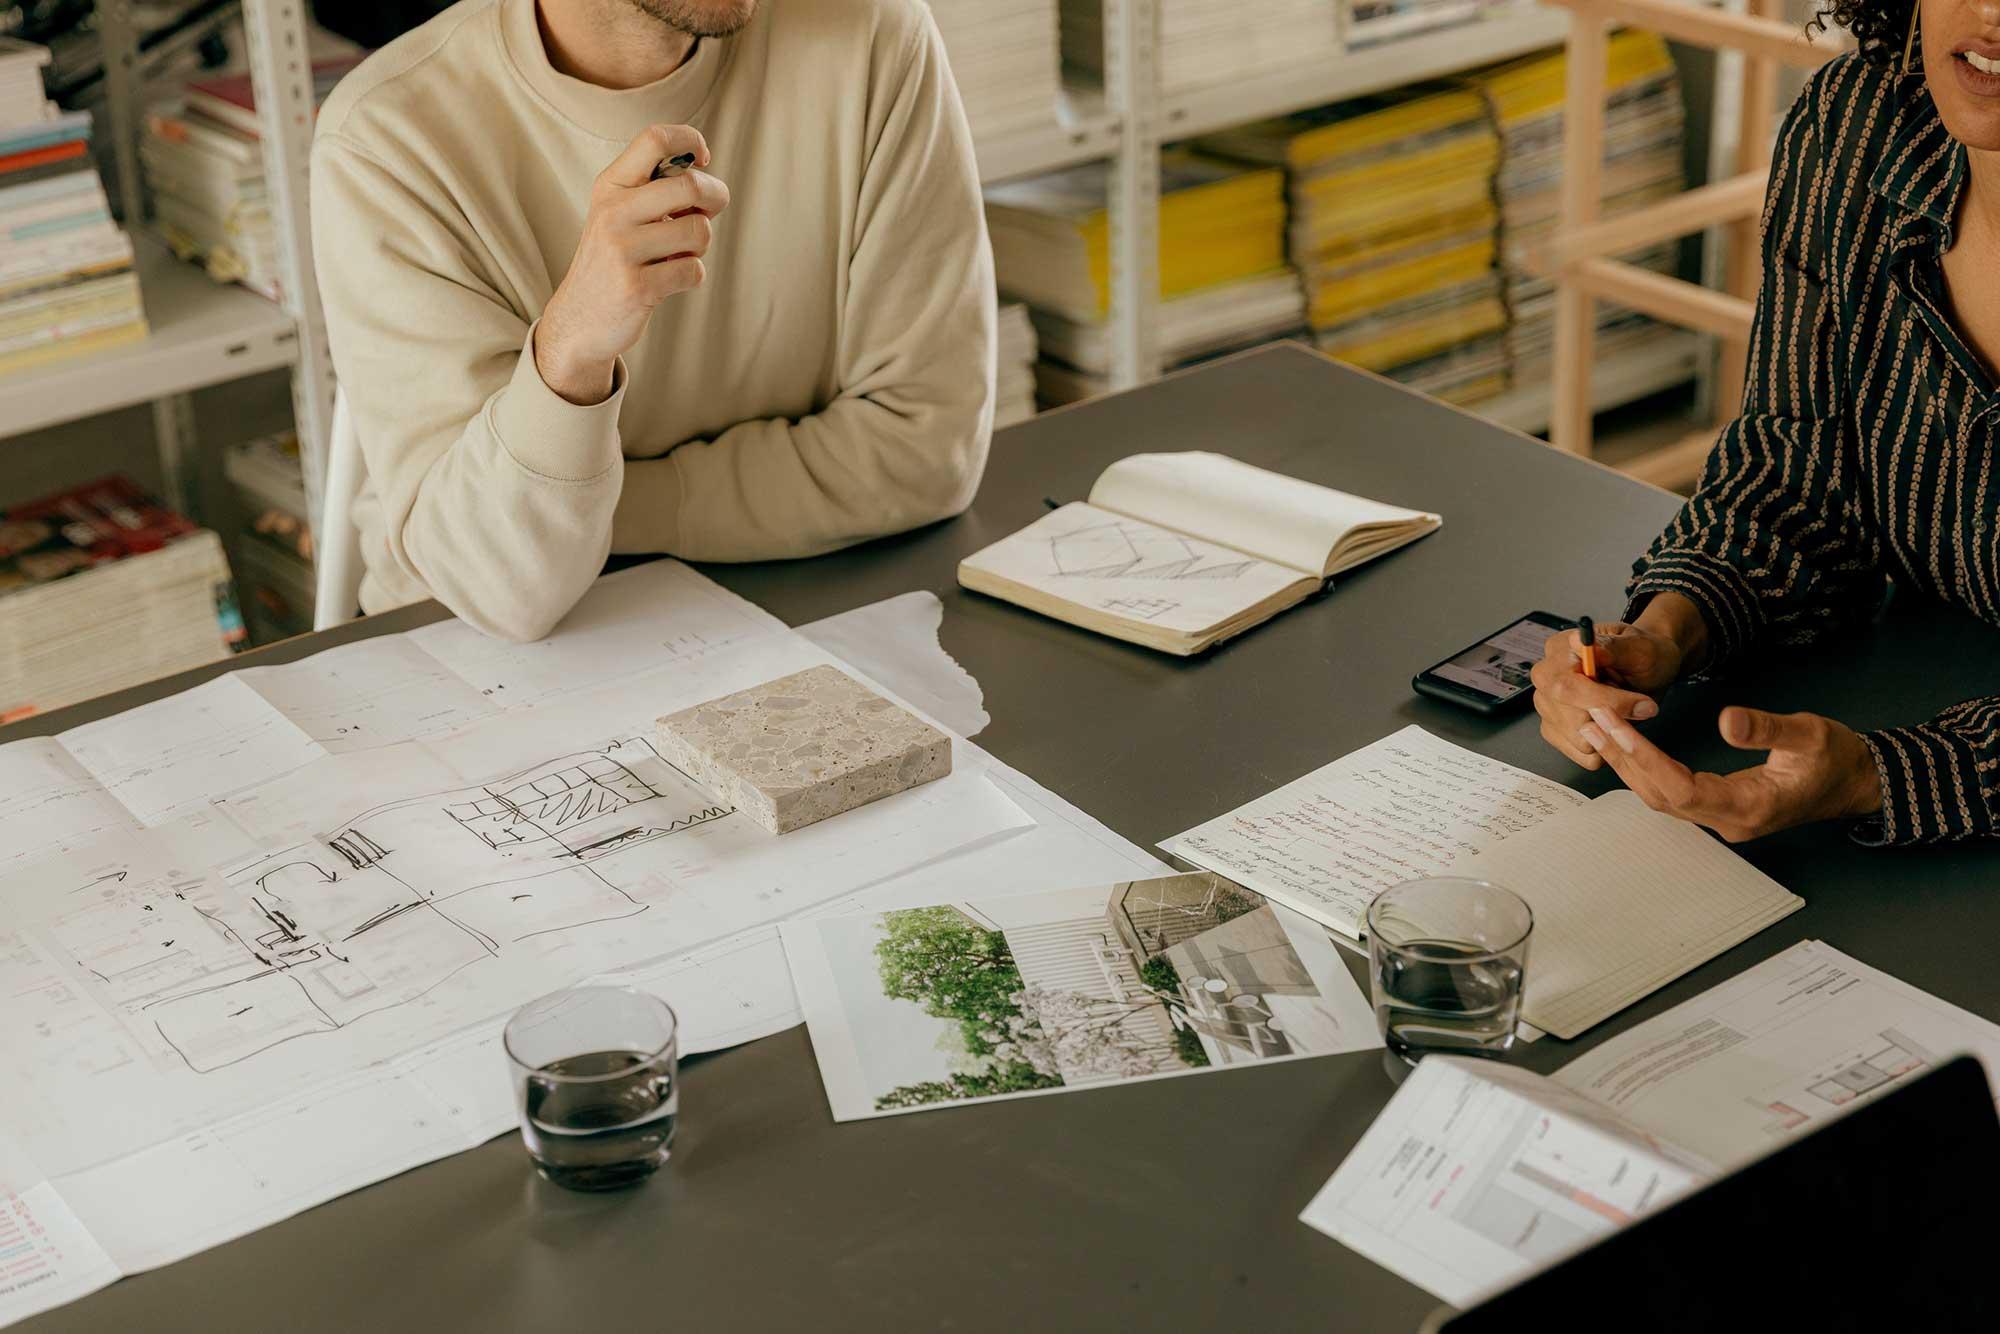 Marketing team discussing design